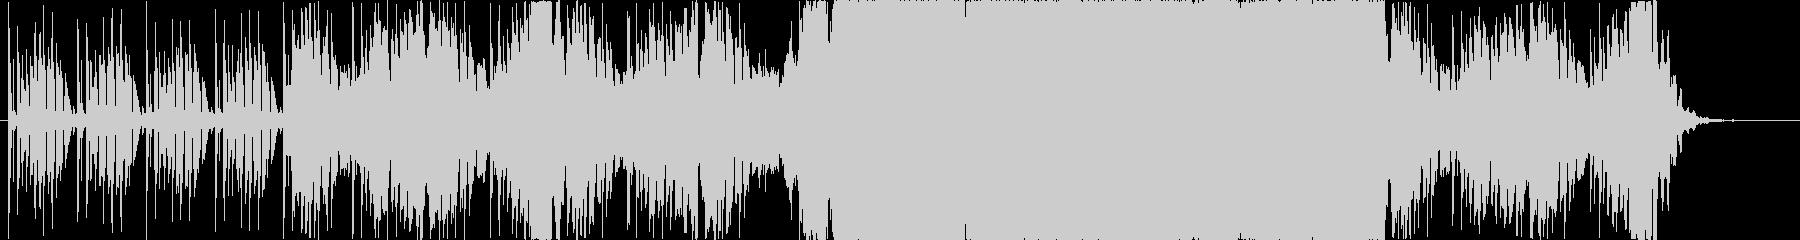 「黒魔術」「ダーク」なBGM  B12の未再生の波形